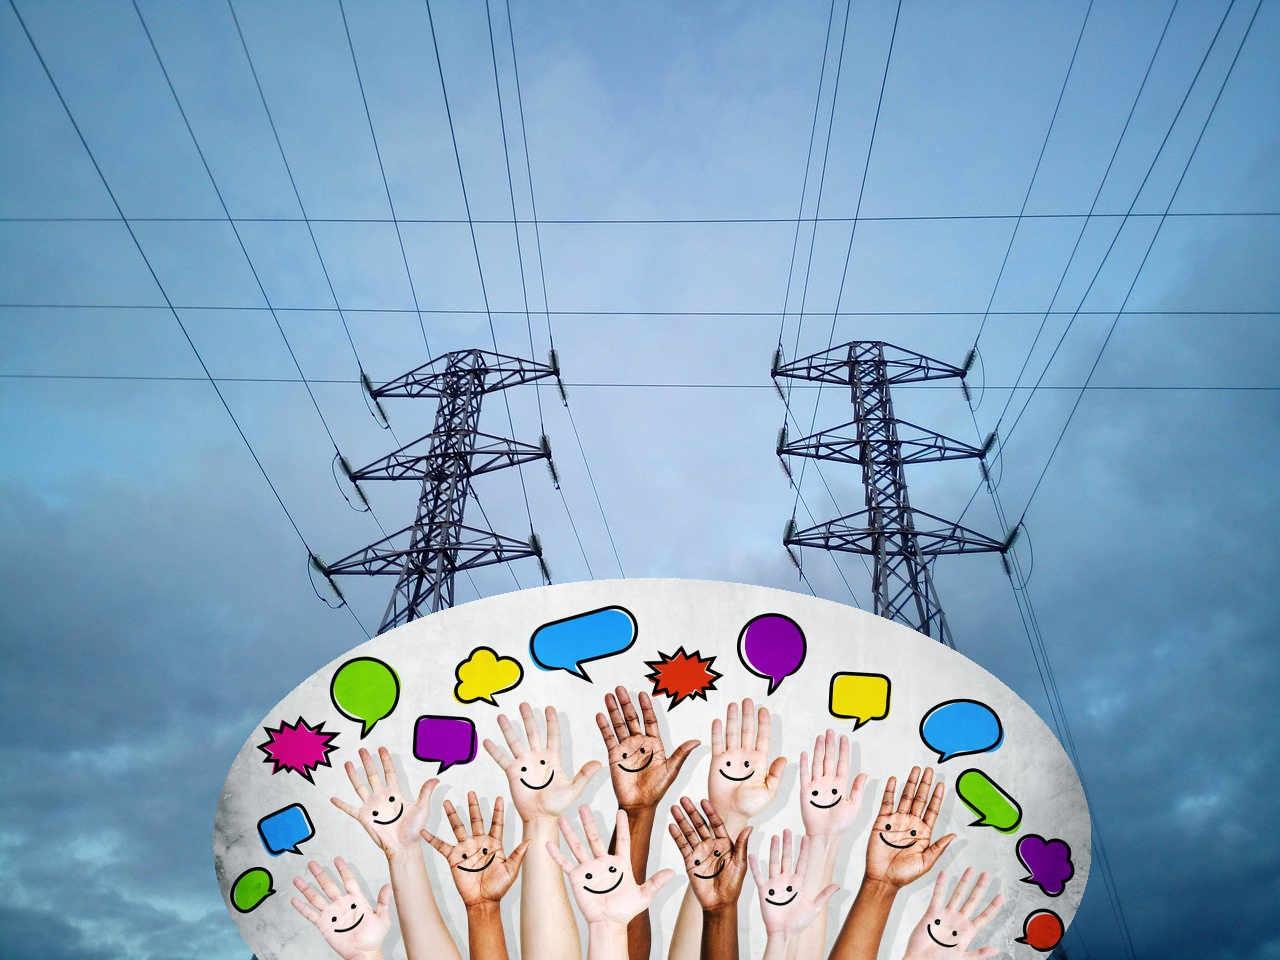 La CNMC lanza una consulta pública sobre la Circular por la que se establece la metodología y condiciones del acceso y de la conexión a las redes de transporte y distribución en materia de demanda de energía eléctrica